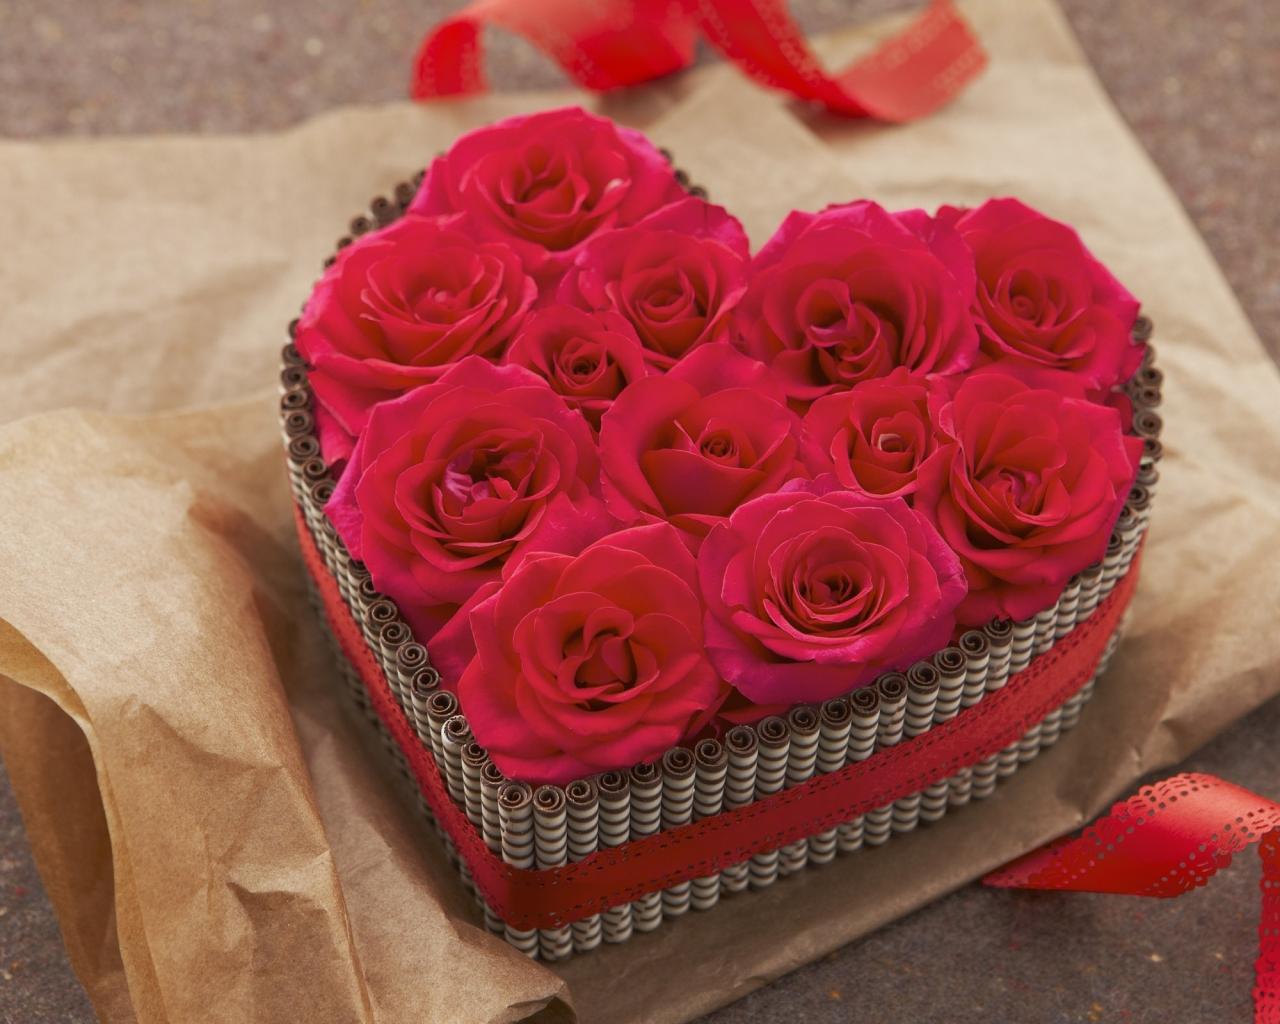 Regalo de rosas y corazones - 1280x1024